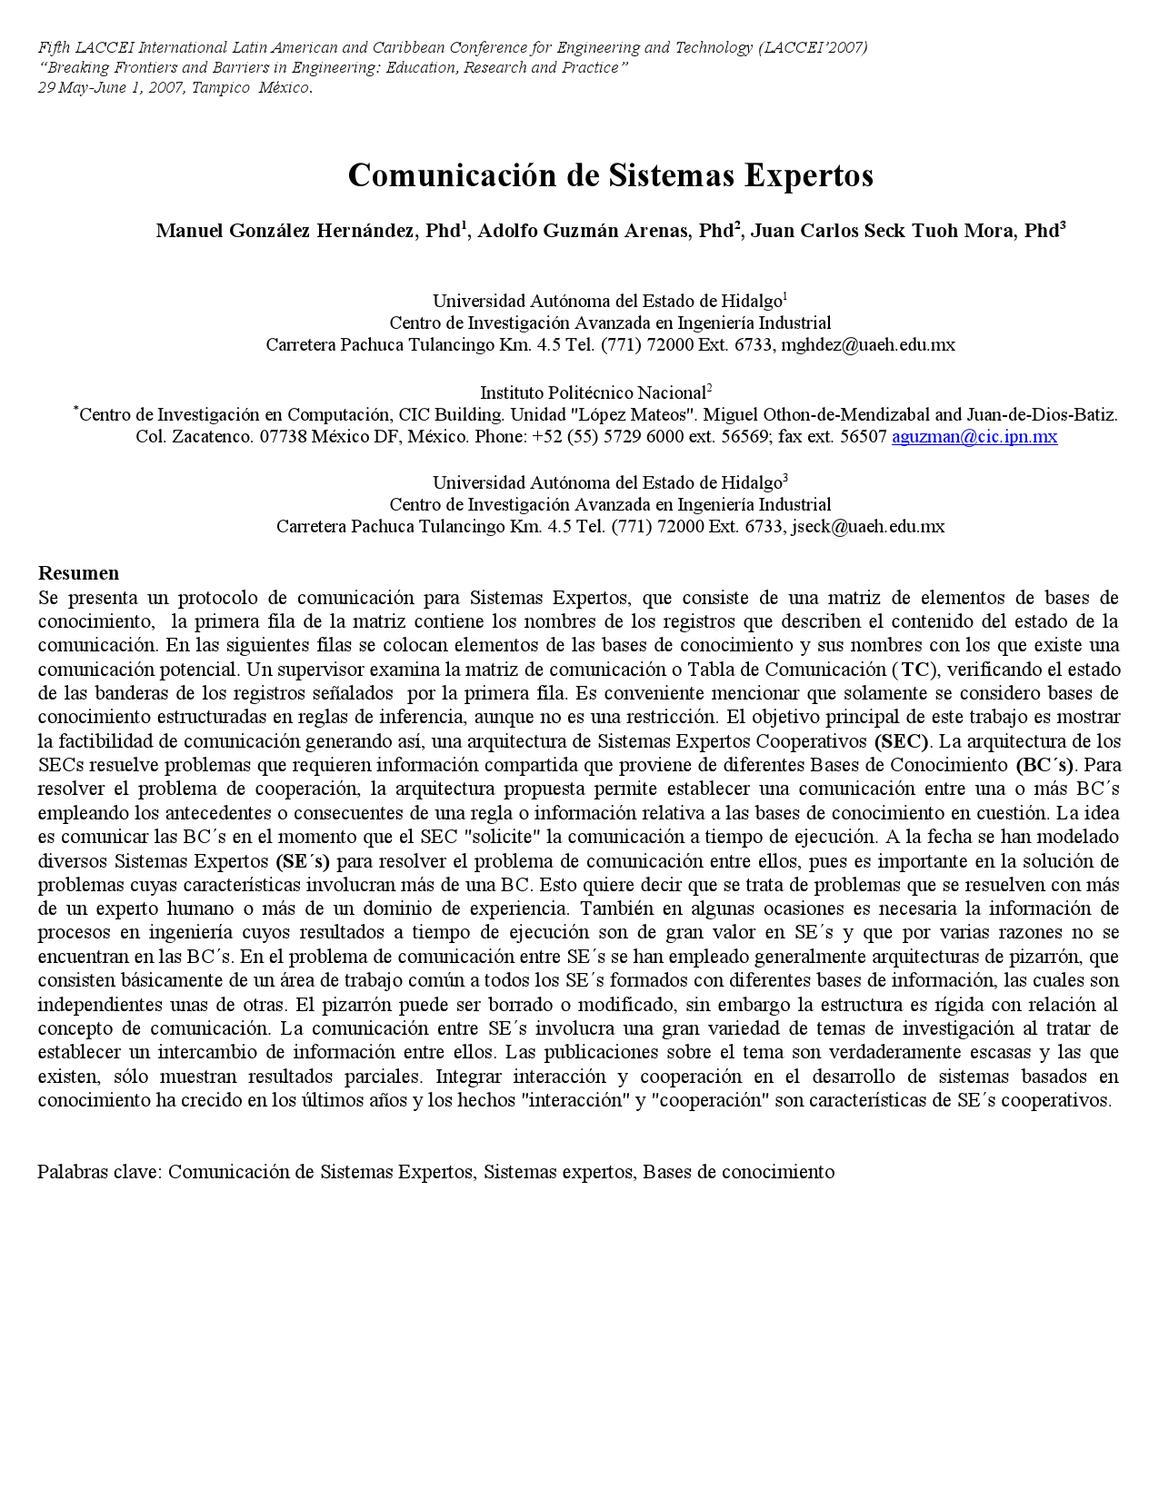 Comunicación de Sistemas Expertos by Adolfo Guzman - issuu